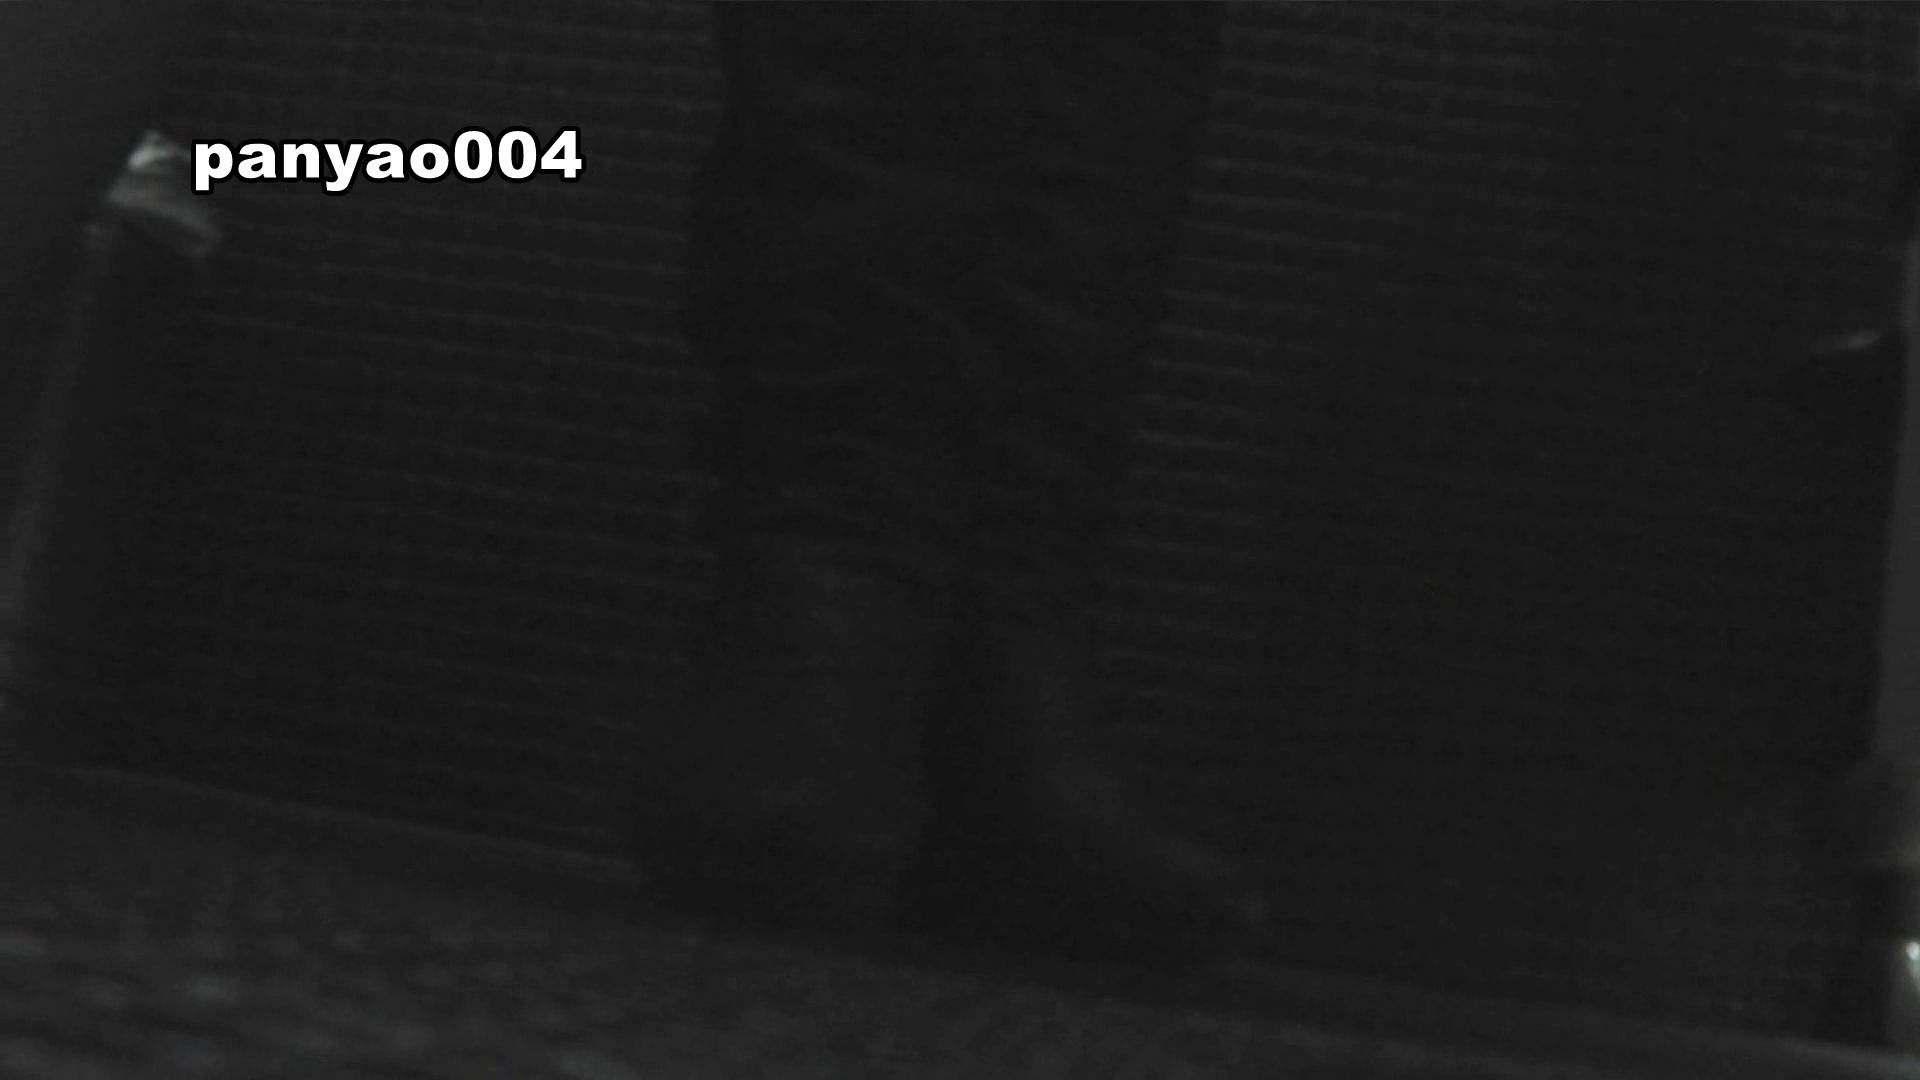 日本成人用品展览会。vol.04 コスへの着替え 潜入  51PIX 51